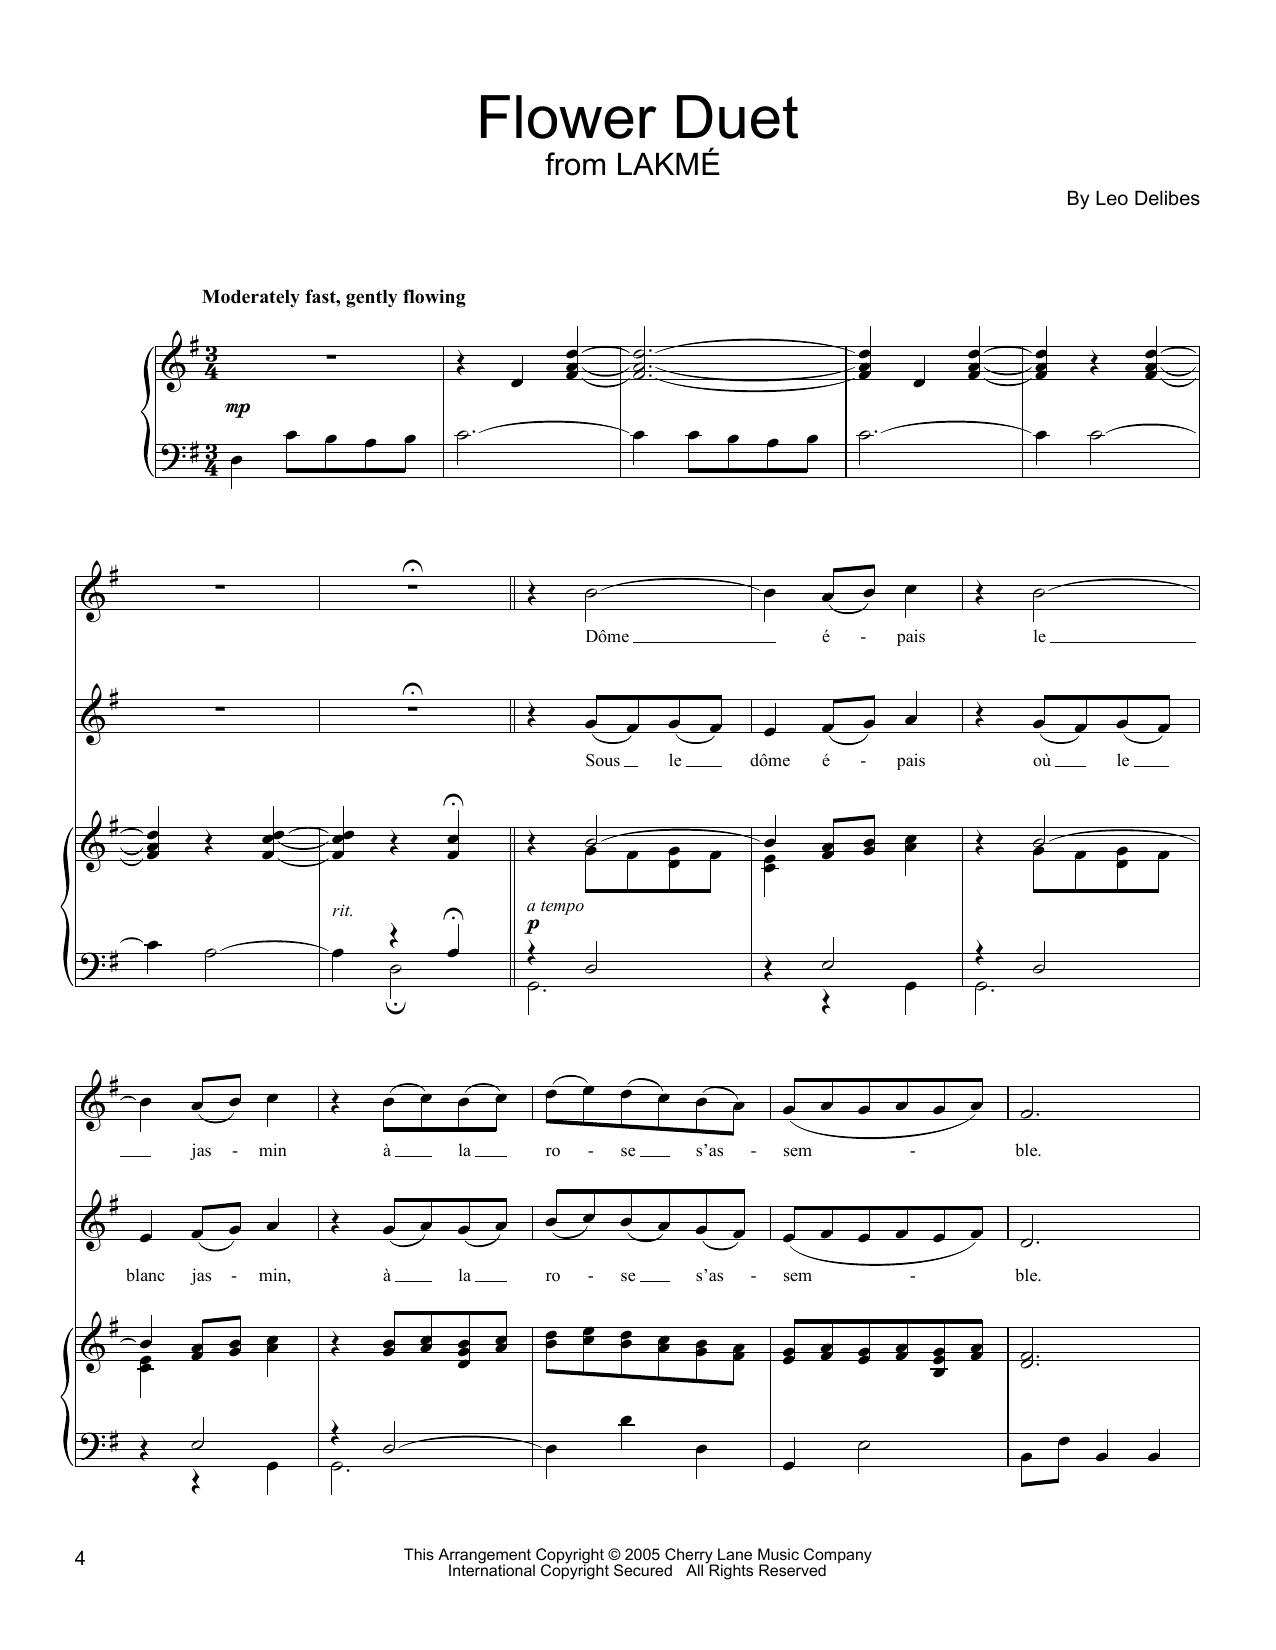 Flower Duet Sheet Music